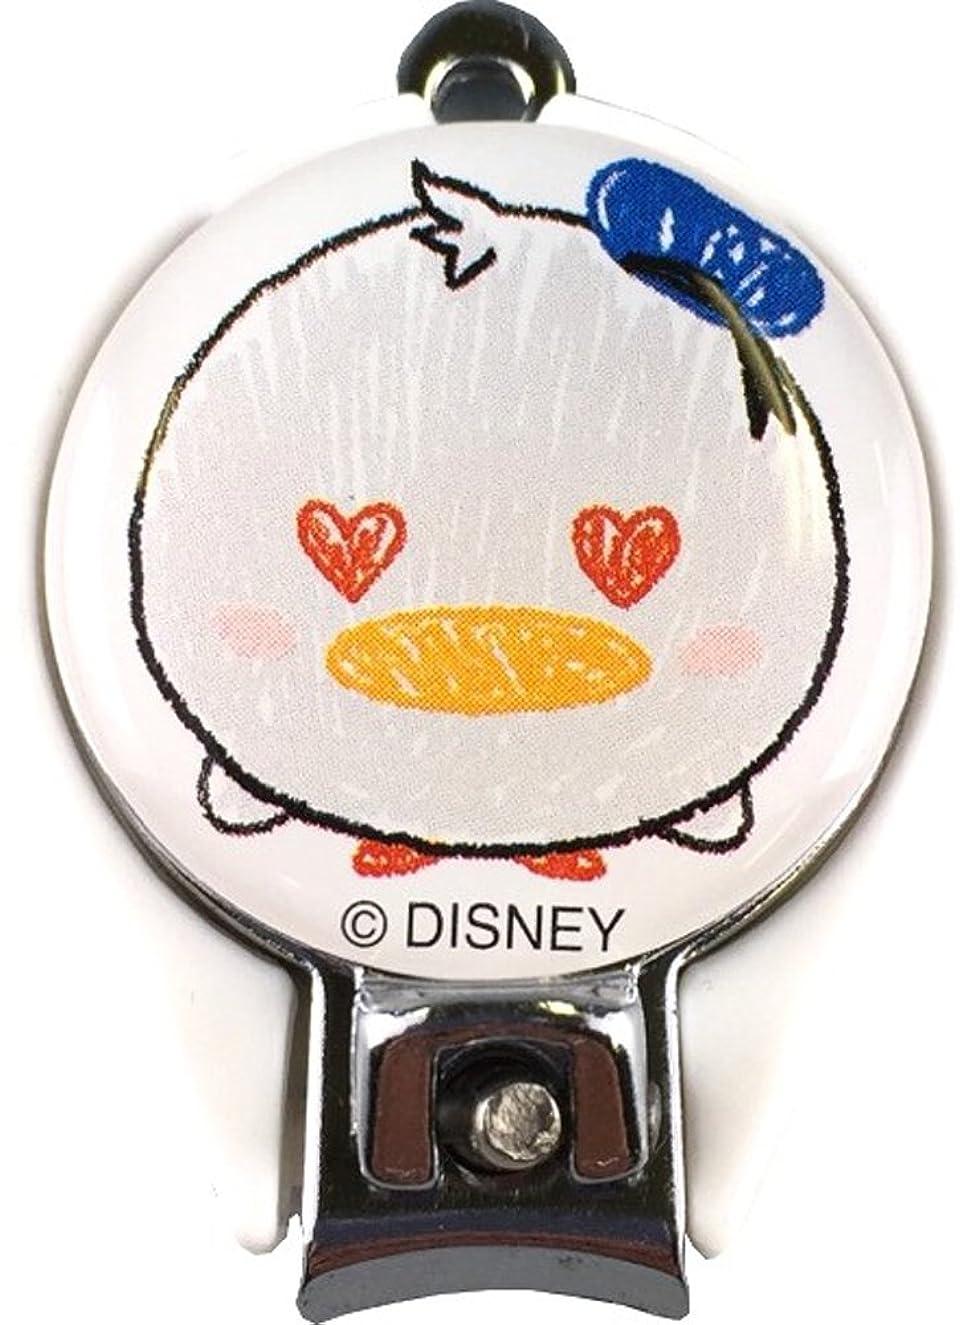 モバイル腰オアシスヤクセル ディズニー 丸型つめ切り TsumTsum ドナルド 60054